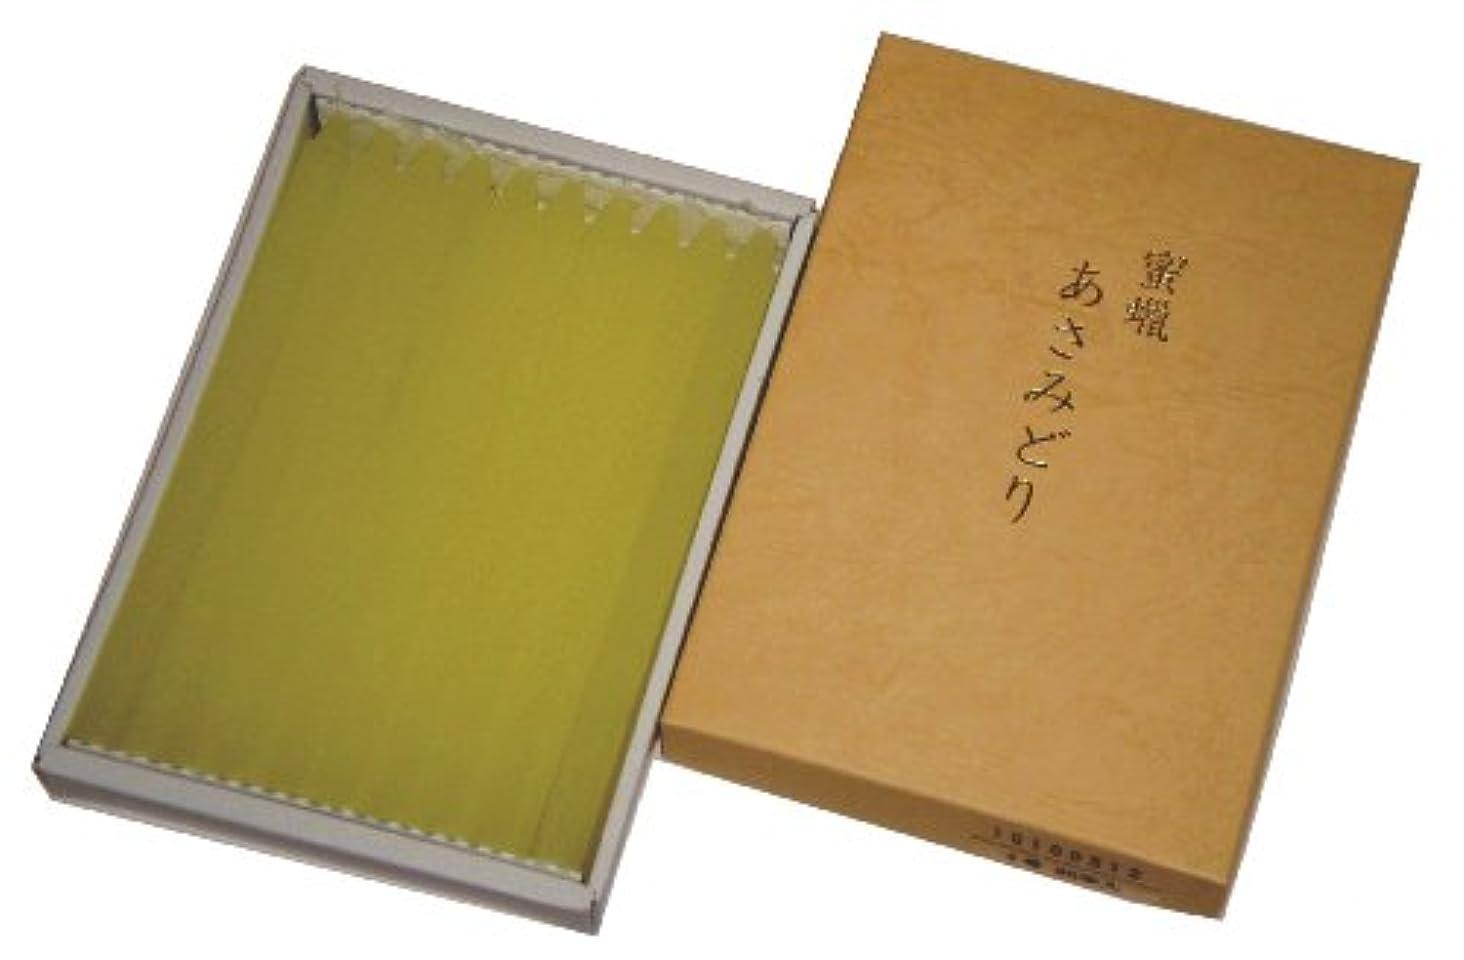 免疫文言タヒチ鳥居のローソク 蜜蝋 あさみどり 3号20本入り 印刷箱 #100512